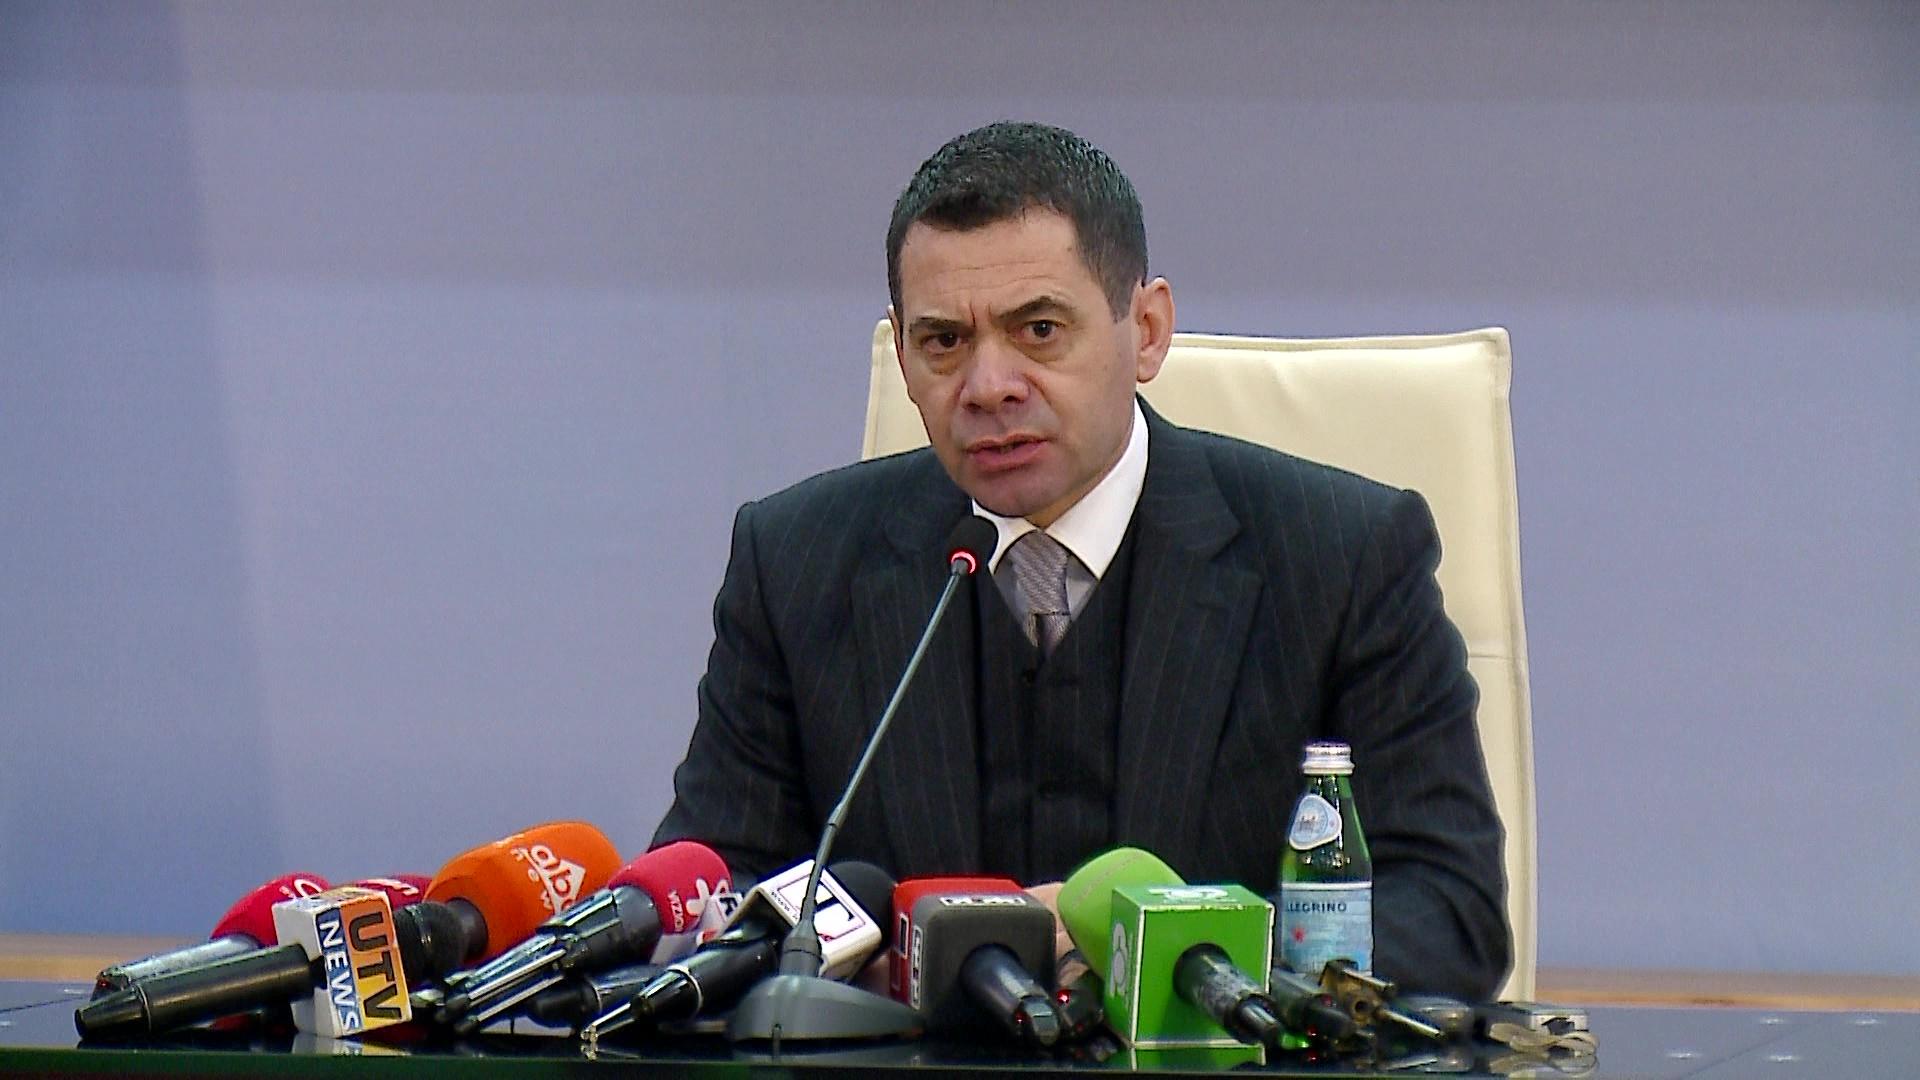 Tatimet kontroll klubeve të Futbollit, pas zgjedhjes së kreut të FSHF